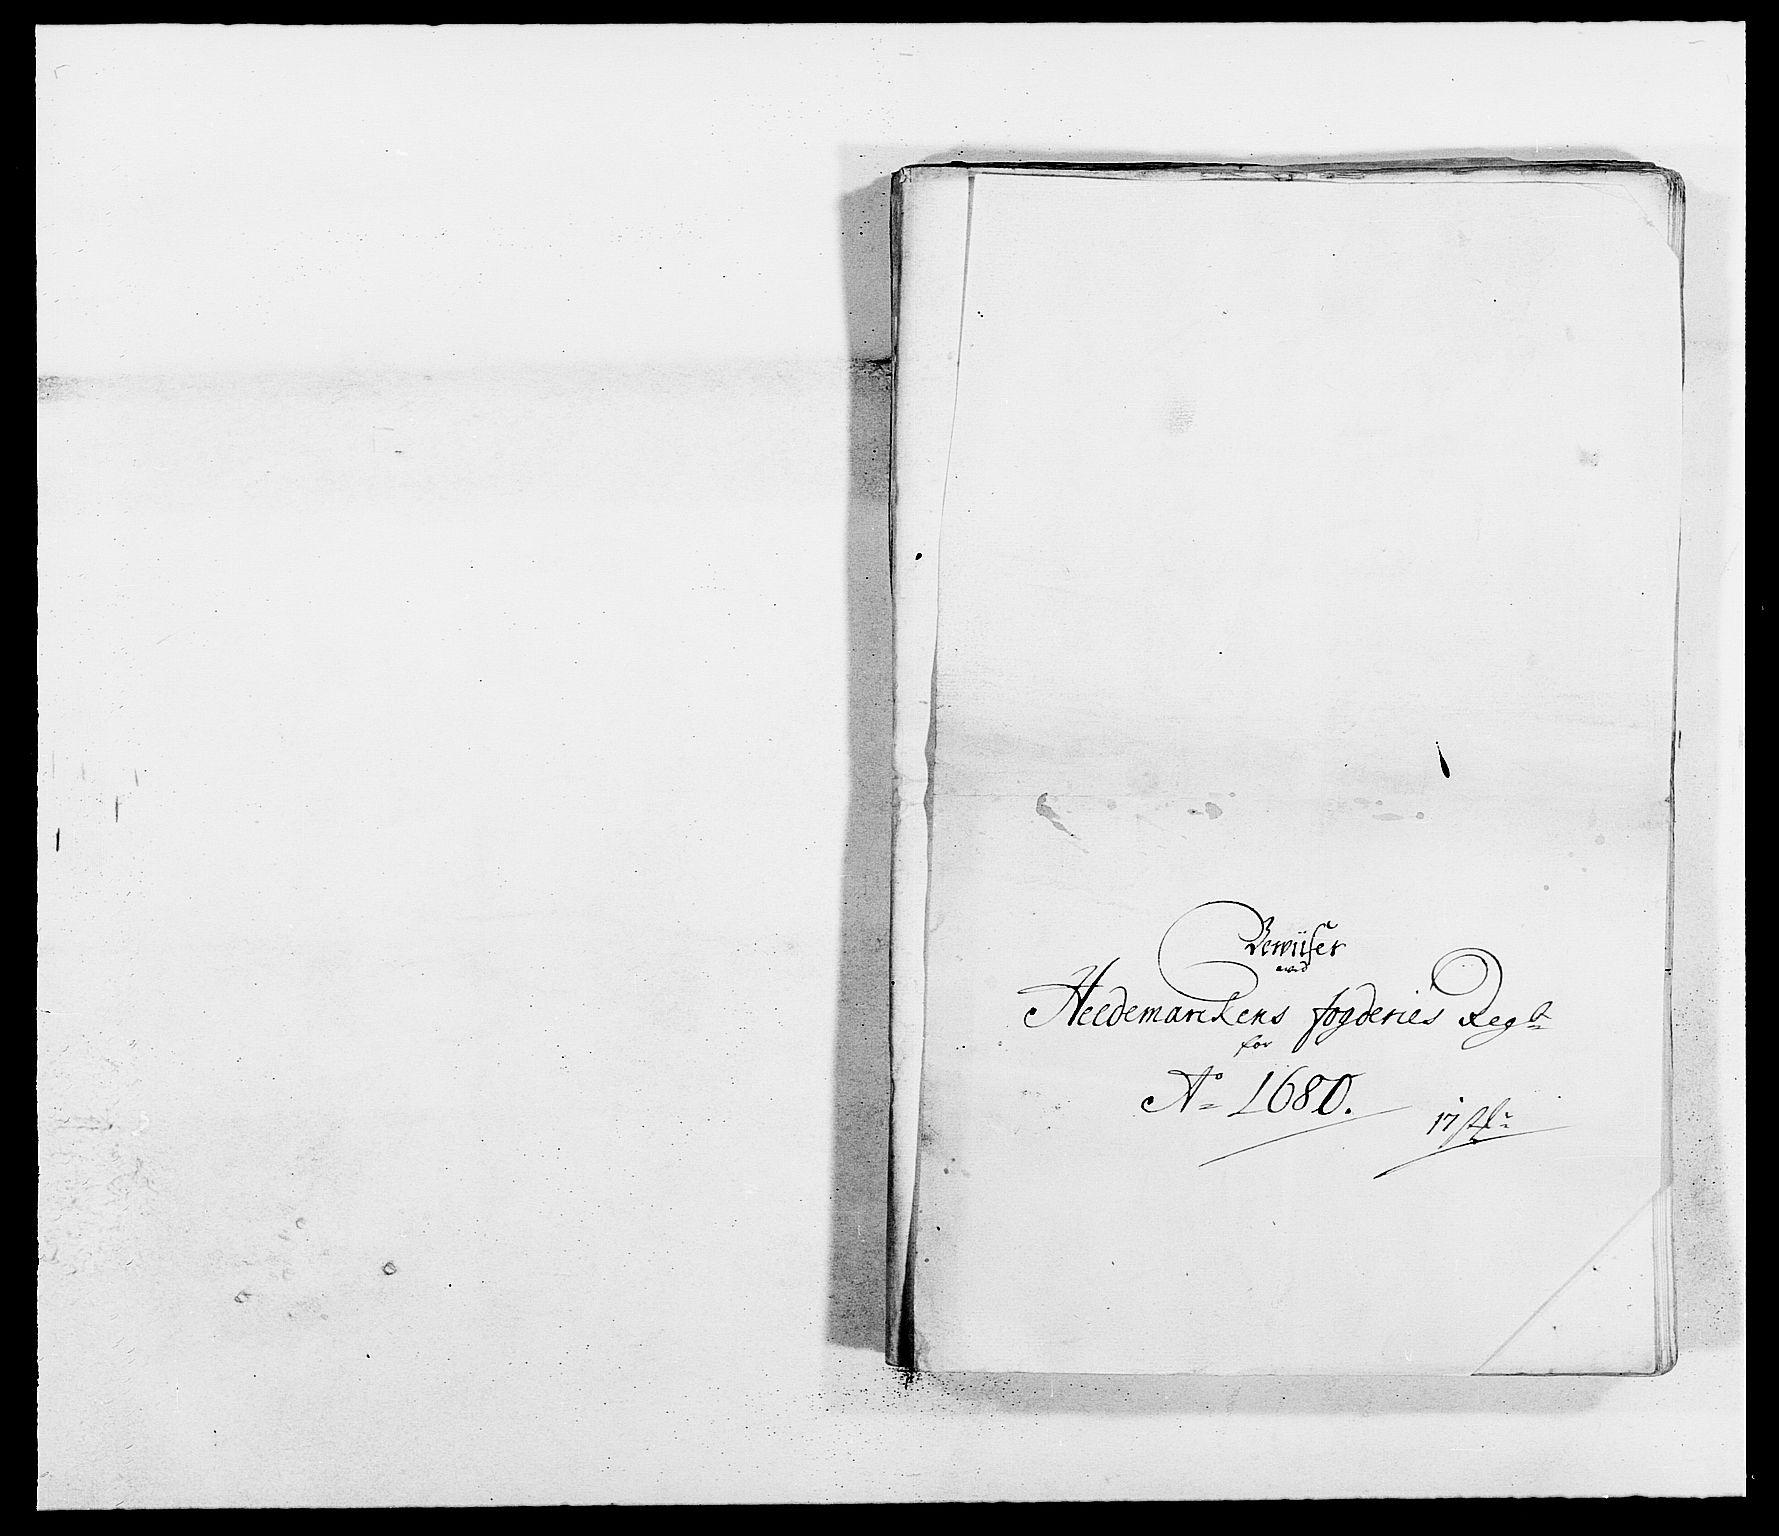 RA, Rentekammeret inntil 1814, Reviderte regnskaper, Fogderegnskap, R16/L1020: Fogderegnskap Hedmark, 1680, s. 293